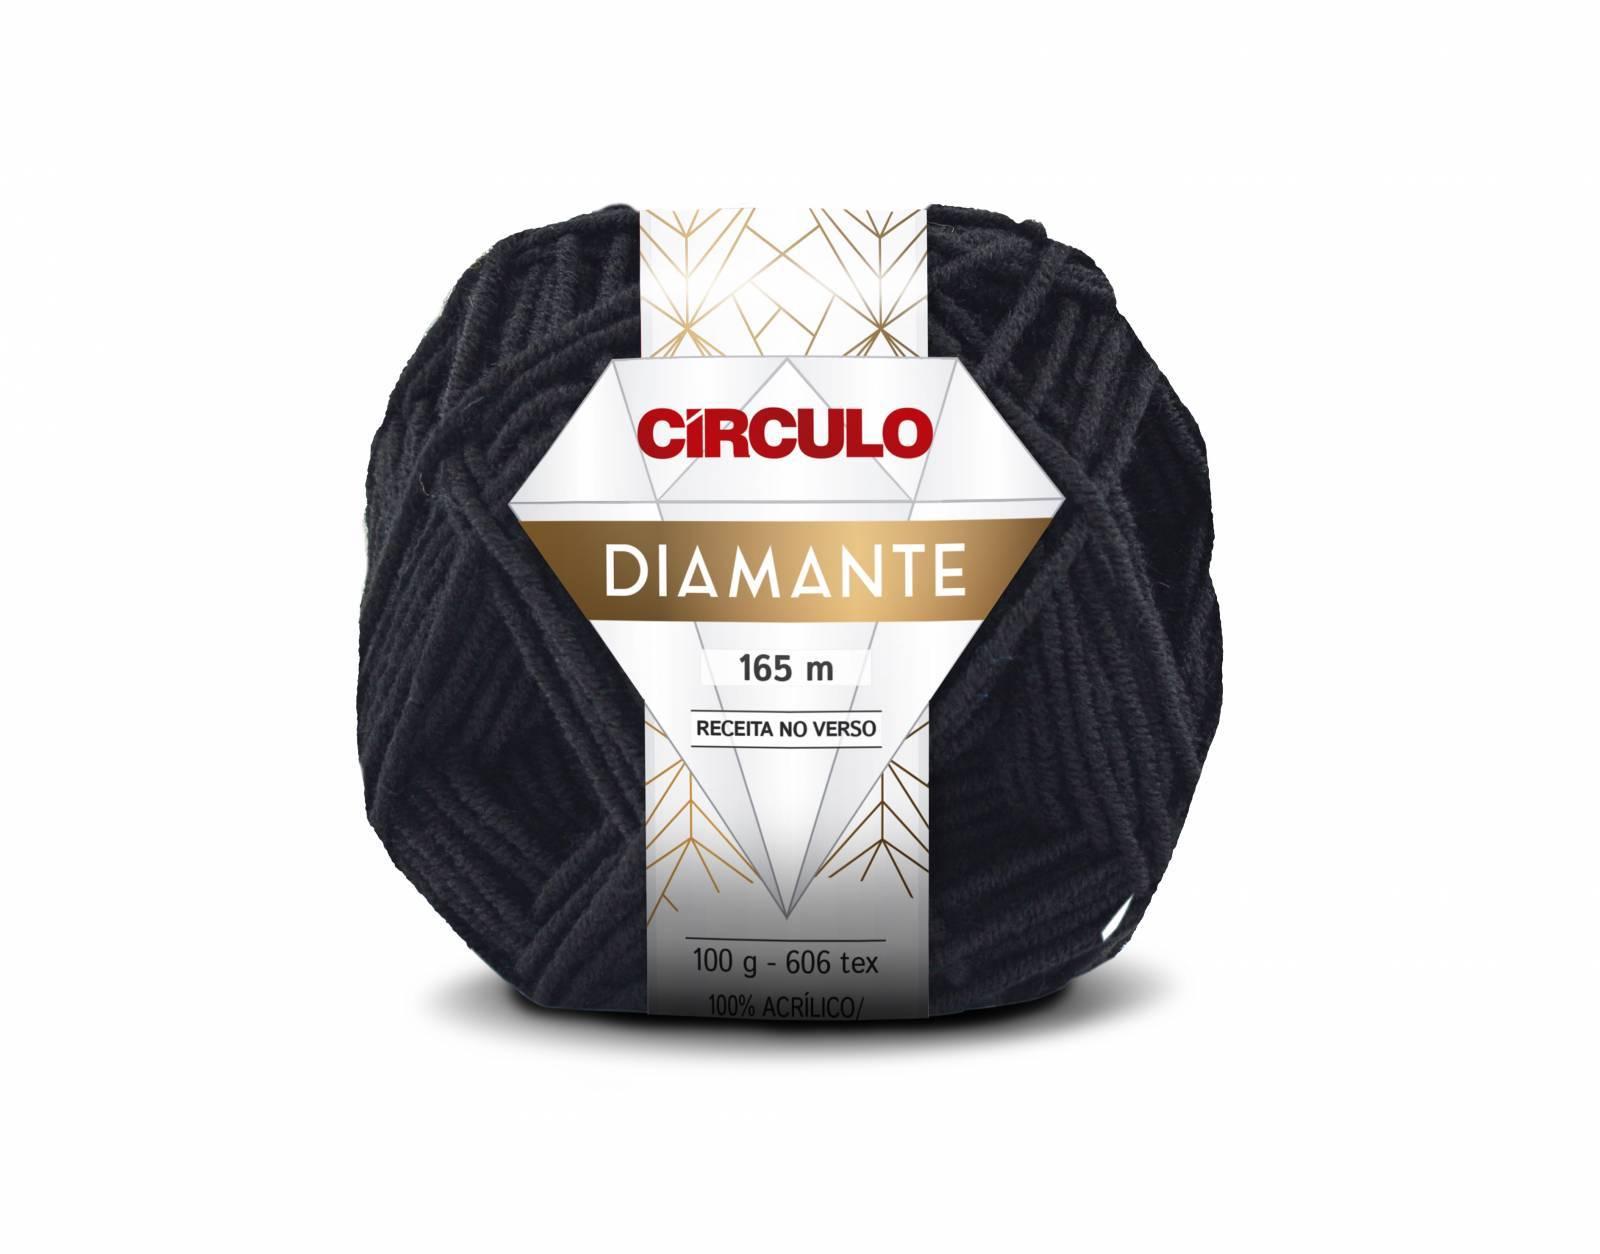 Lã Diamante cor 8990 - BAÚ DA VOVÓ